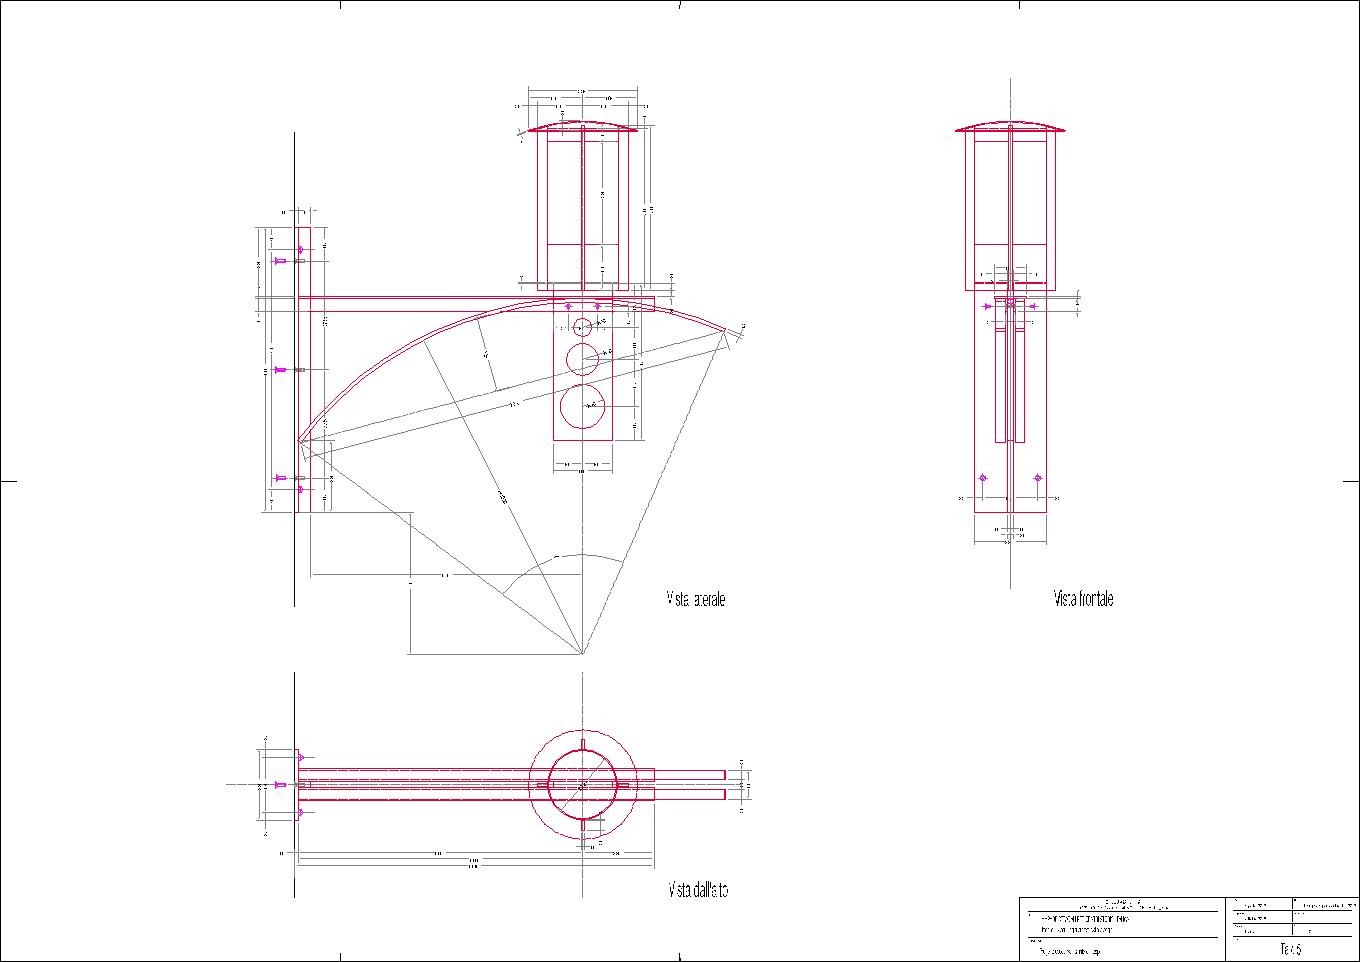 10-lampada-per-centro-sotrico-2013-copia-3-model